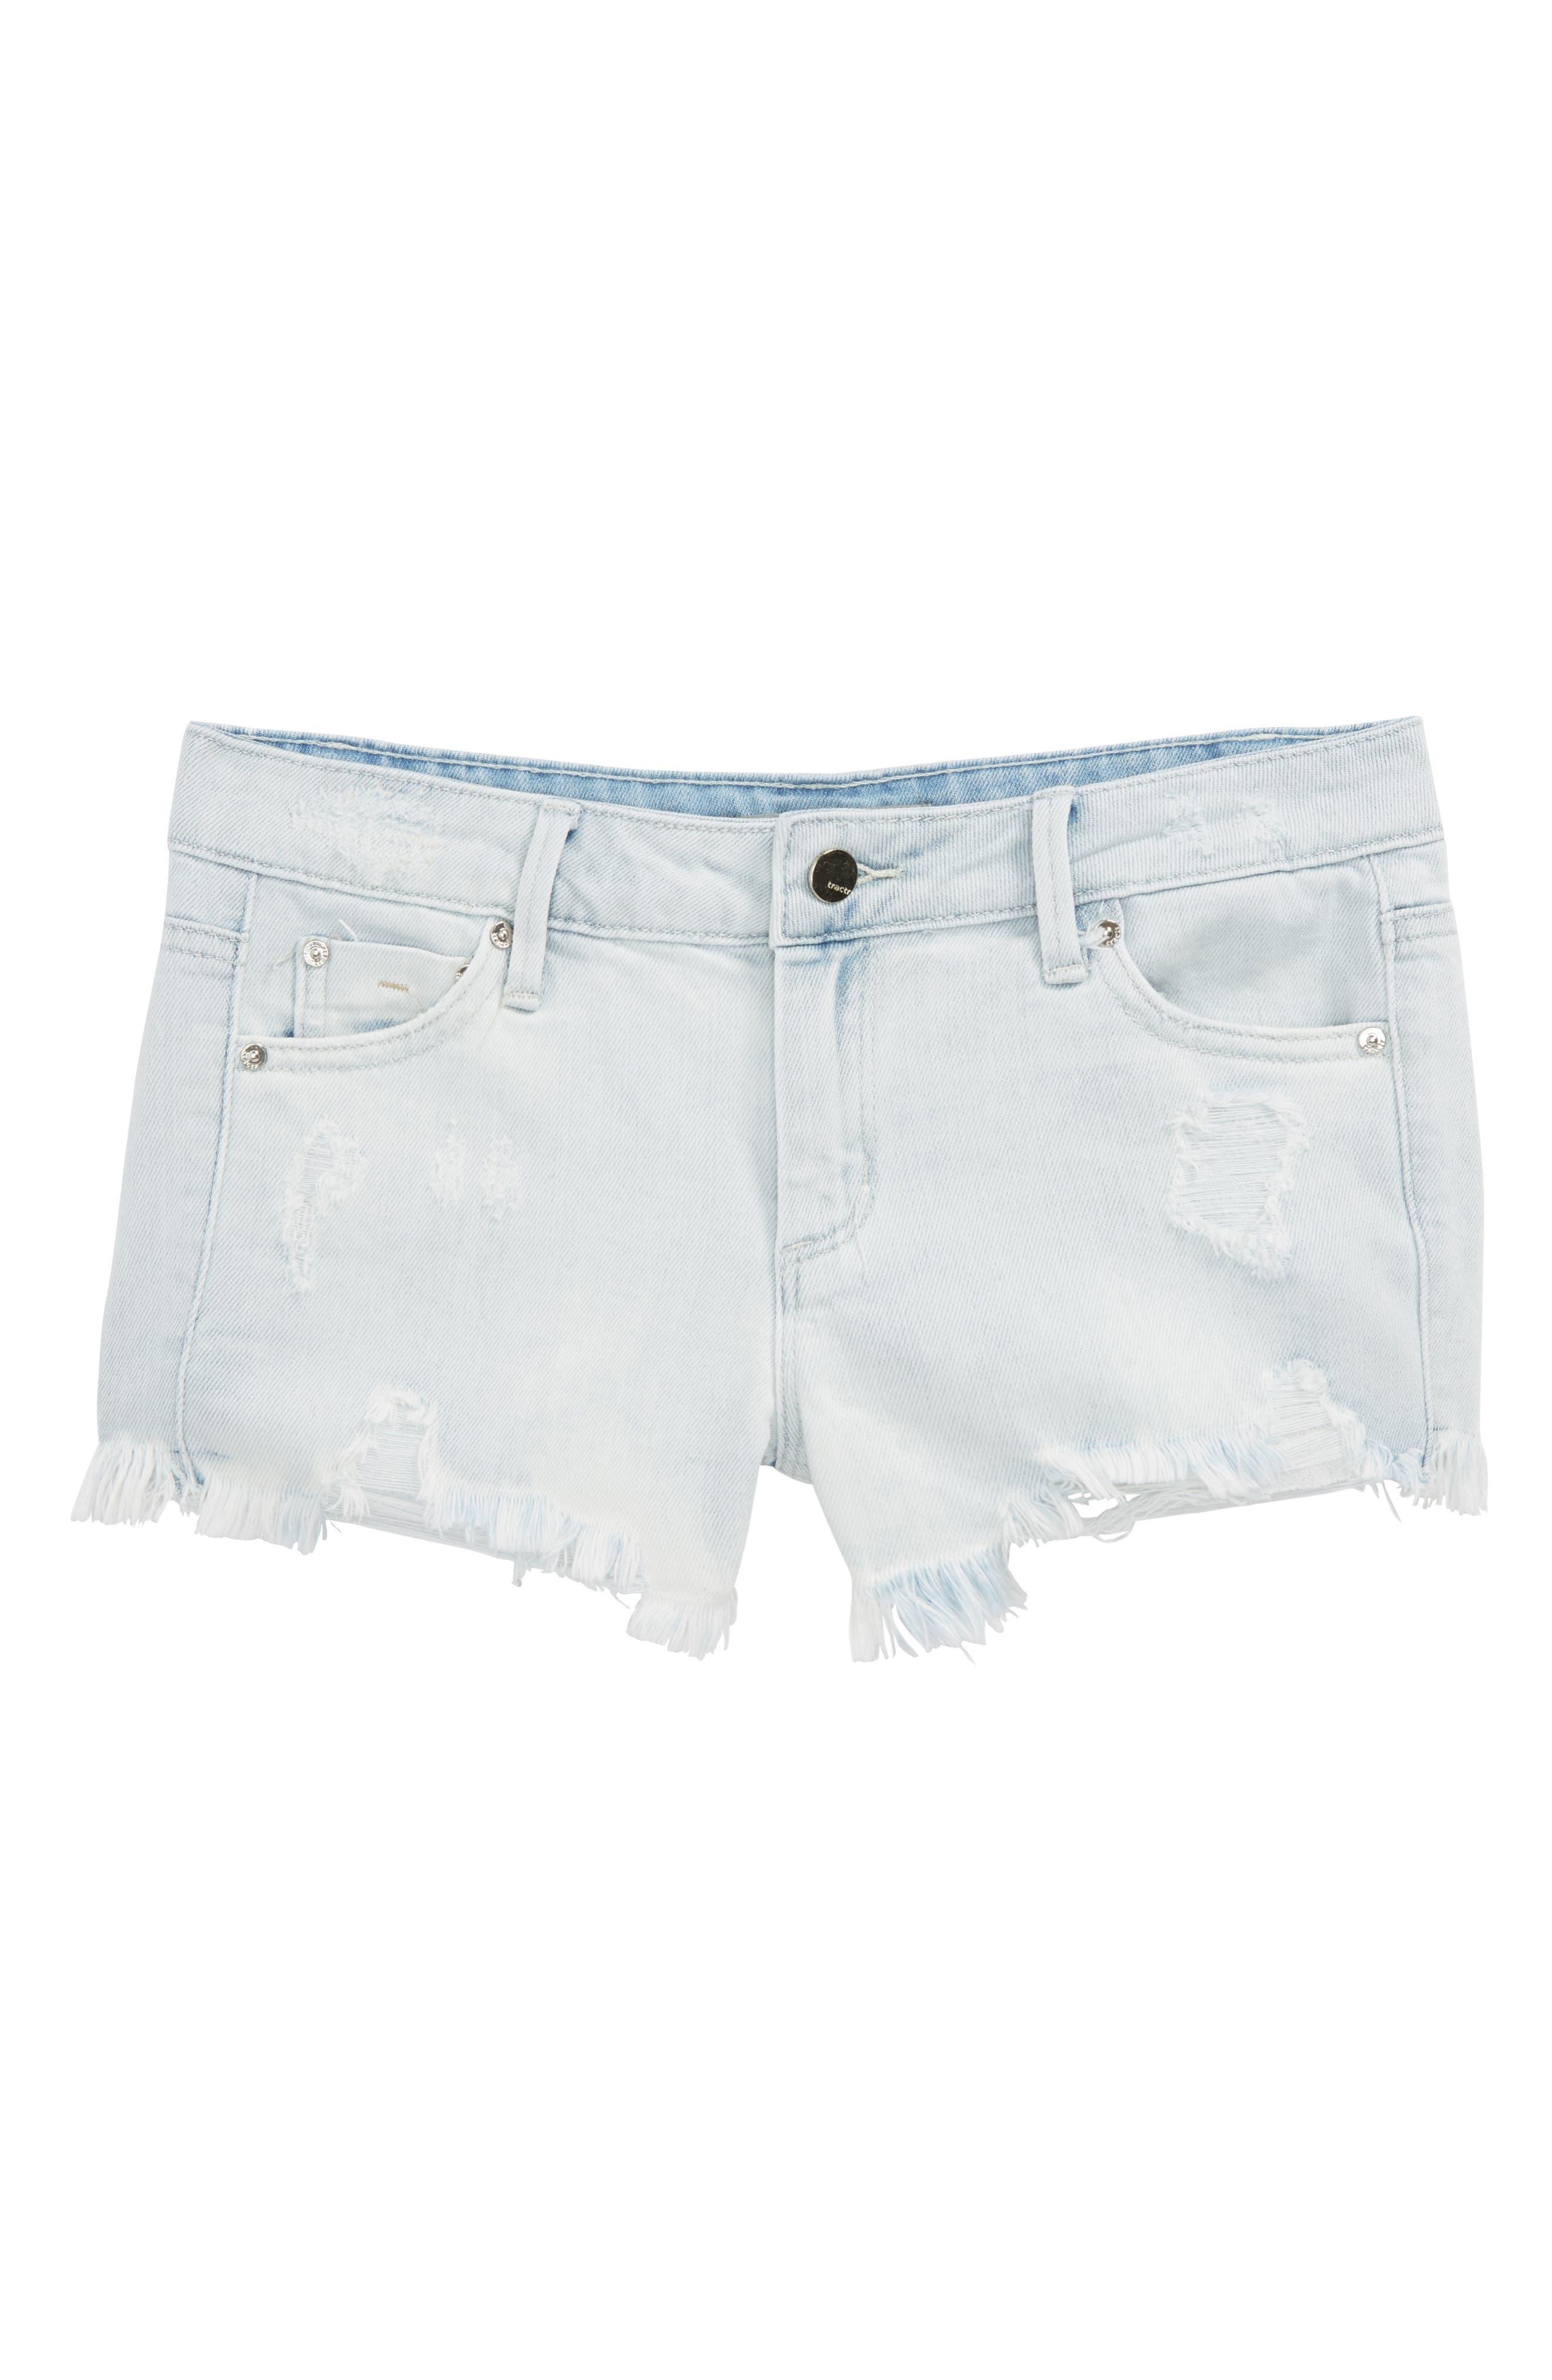 Destructed Frayed Denim Shorts,                         Main,                         color, 461